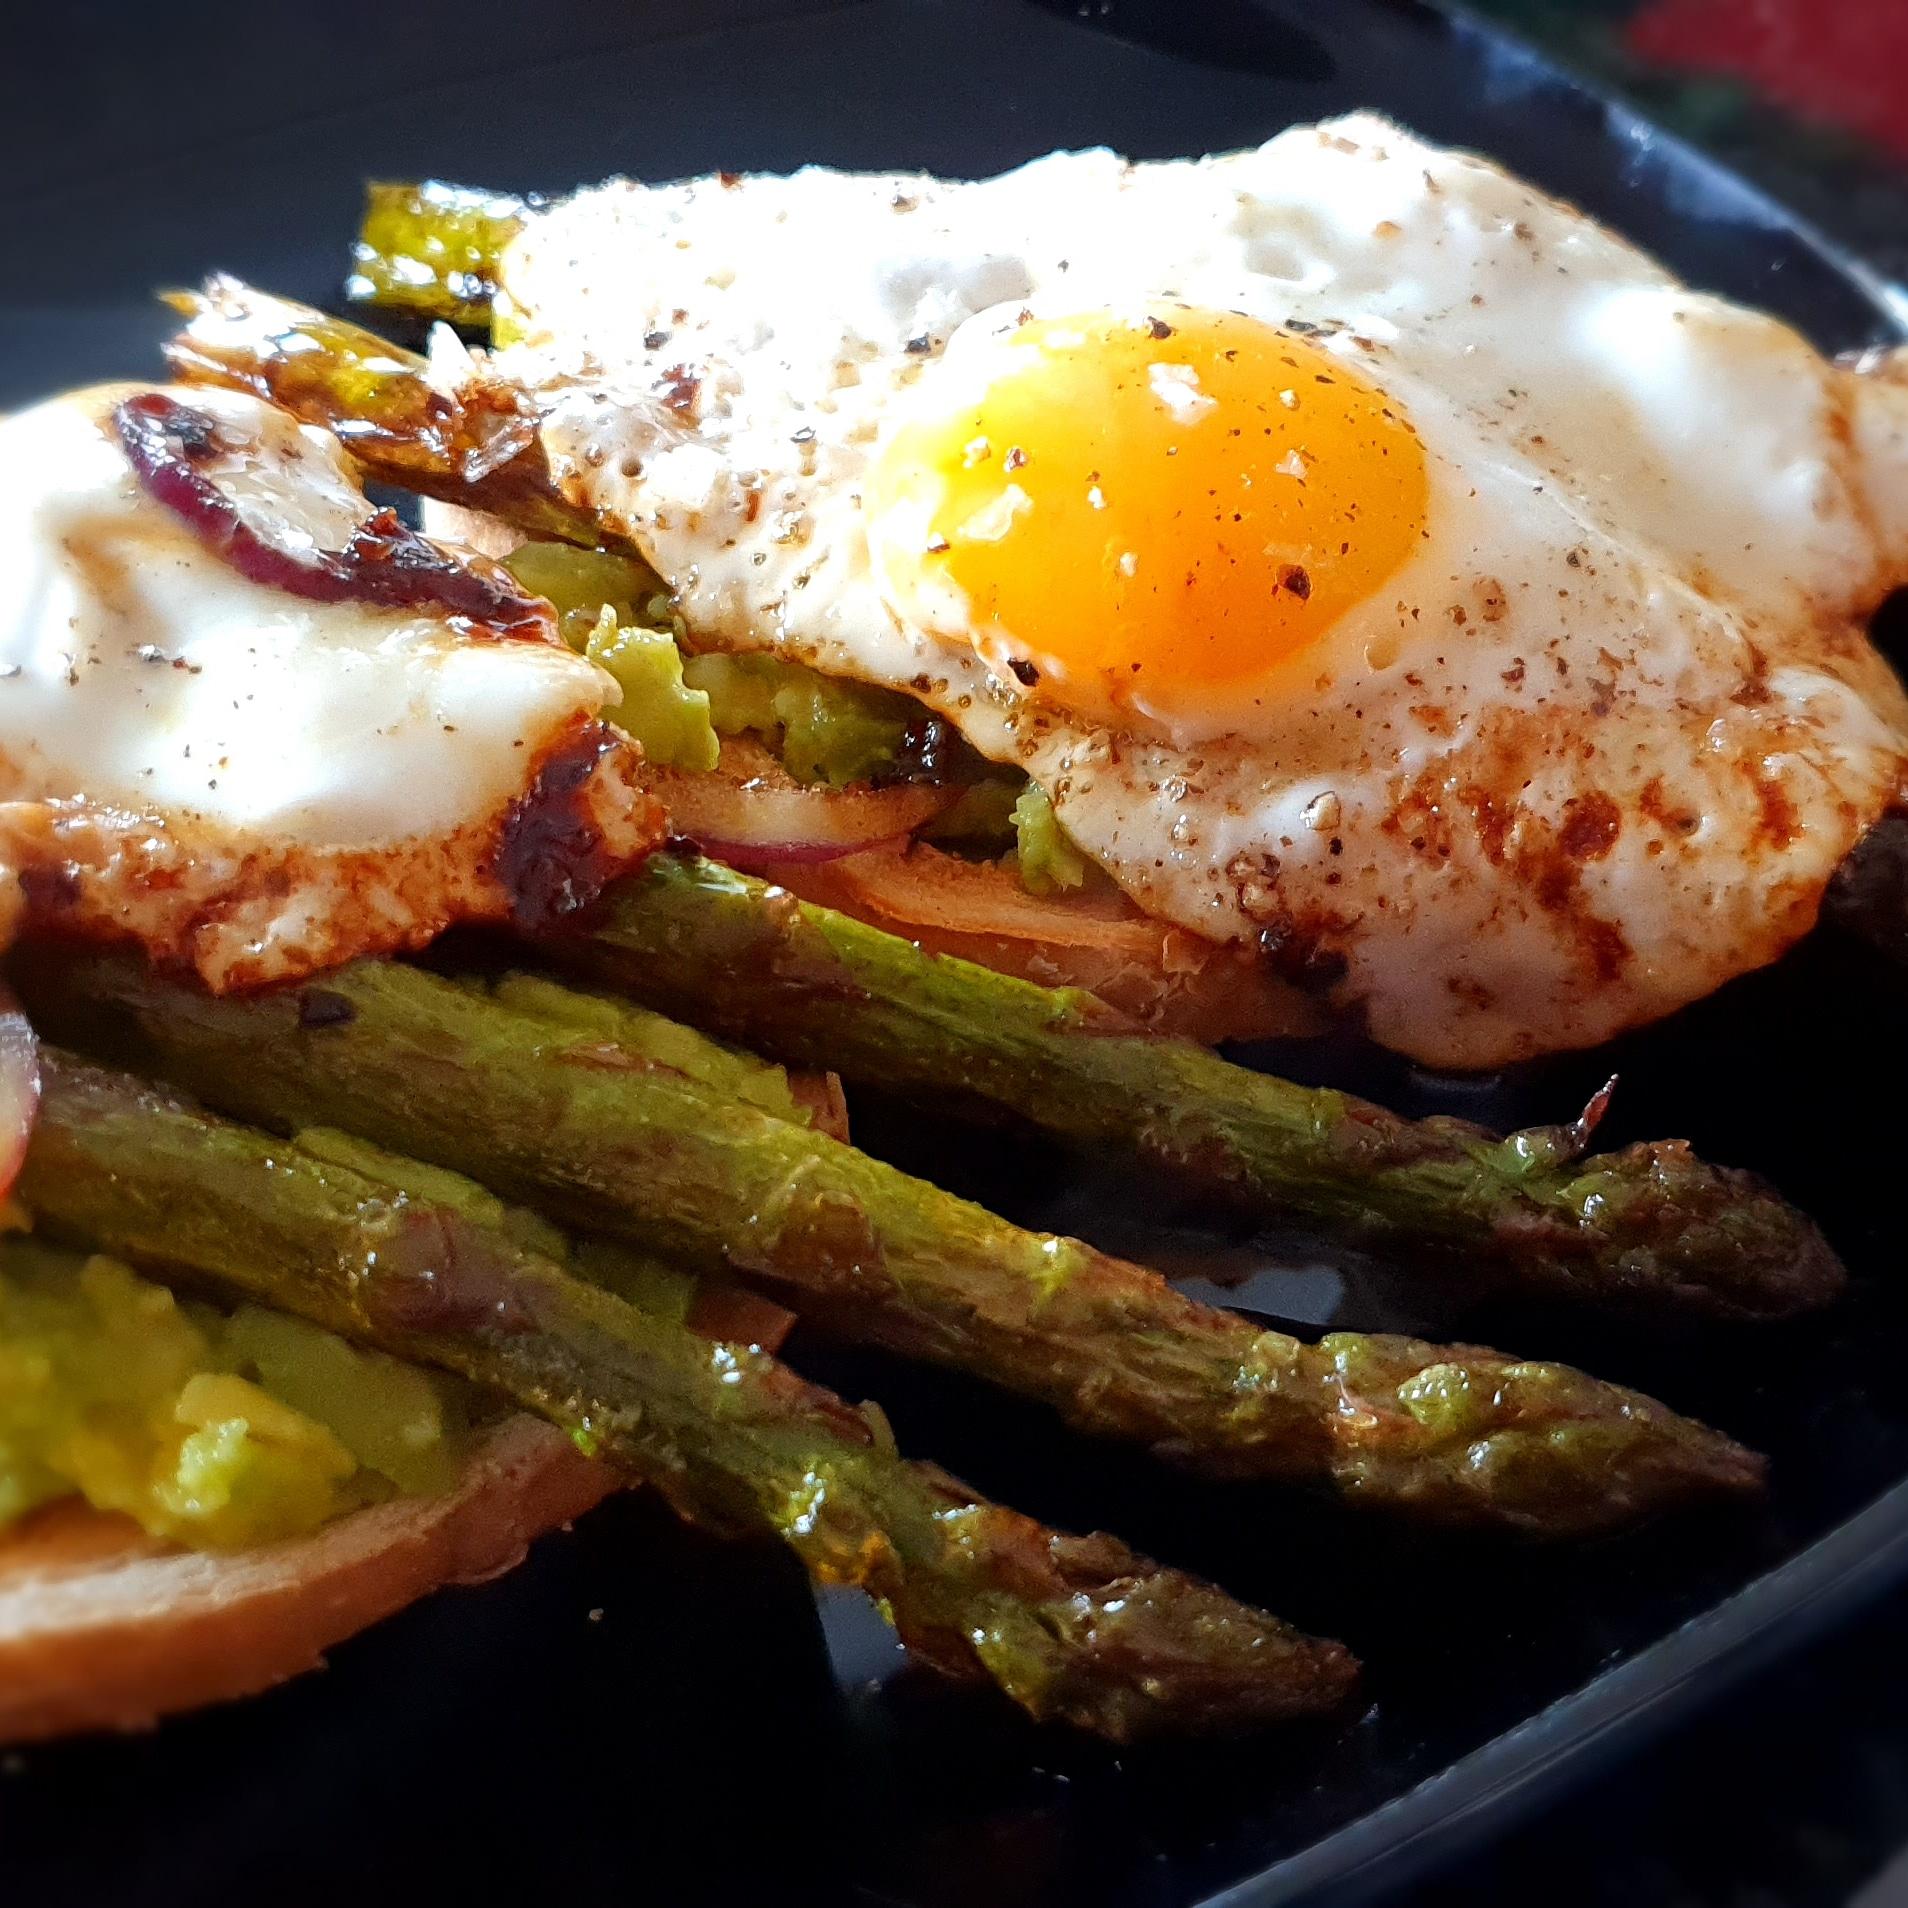 Avokado-, sparris- och äggmacka